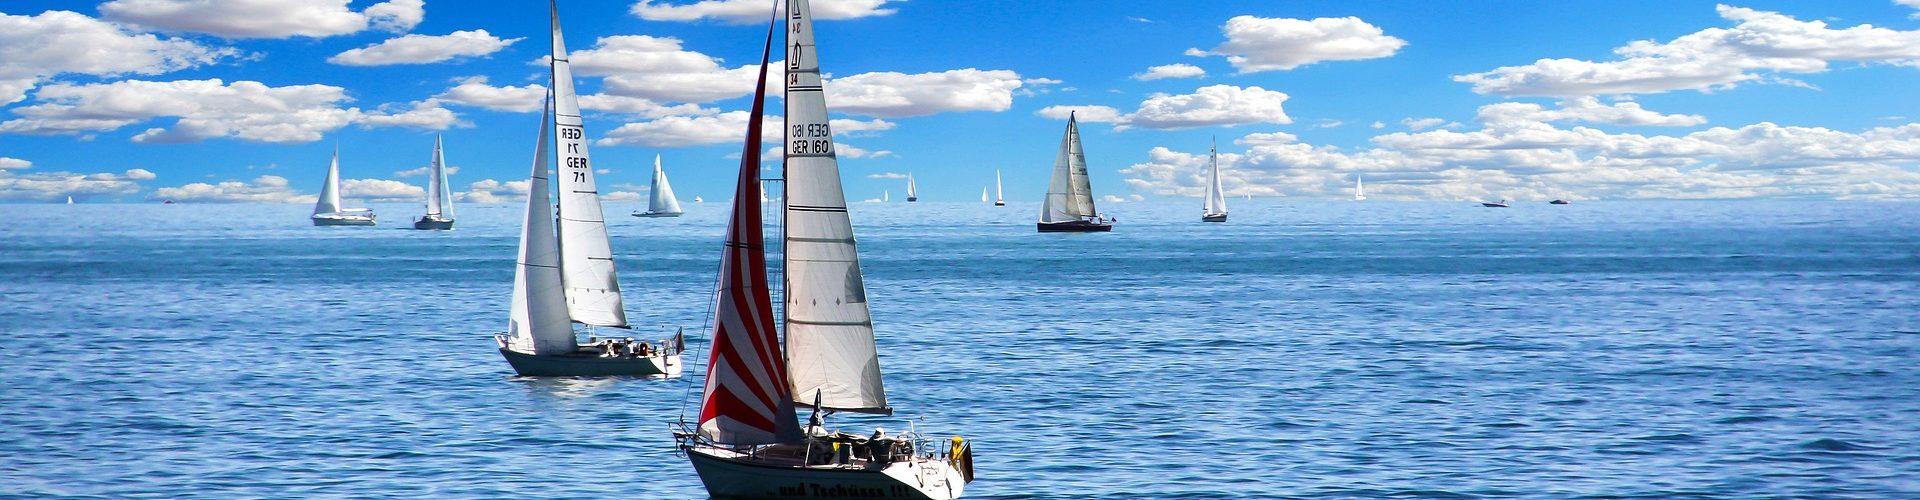 segeln lernen in Geesthacht segelschein machen in Geesthacht 1920x500 - Segeln lernen in Geesthacht